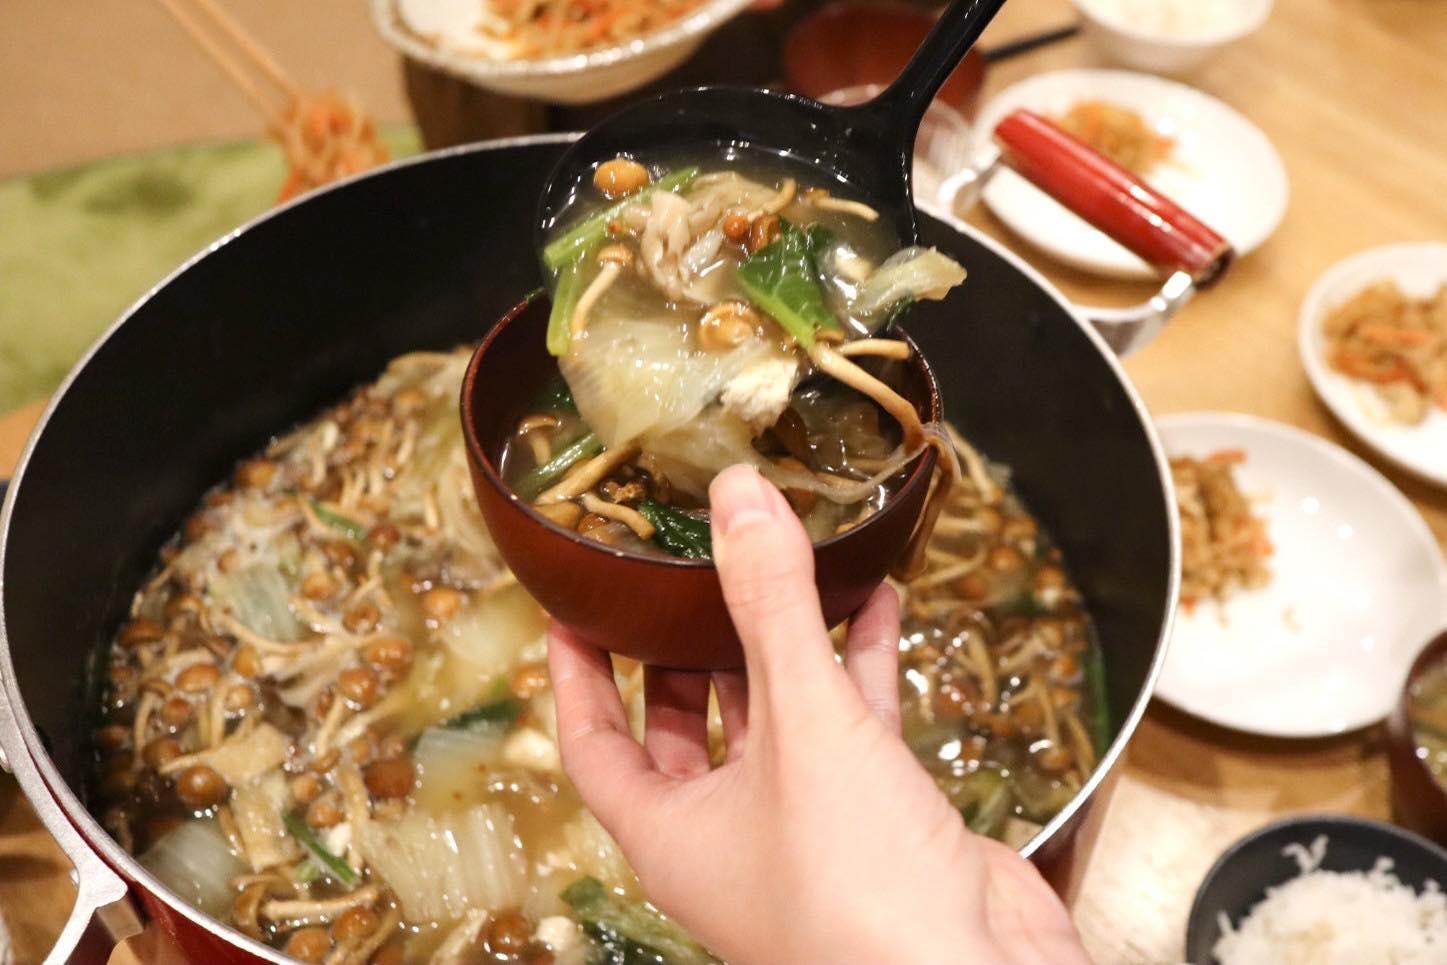 (JP) おうちでご飯を食べよう。シェアハウスでのごはんレシピ・おすすめ大紹介